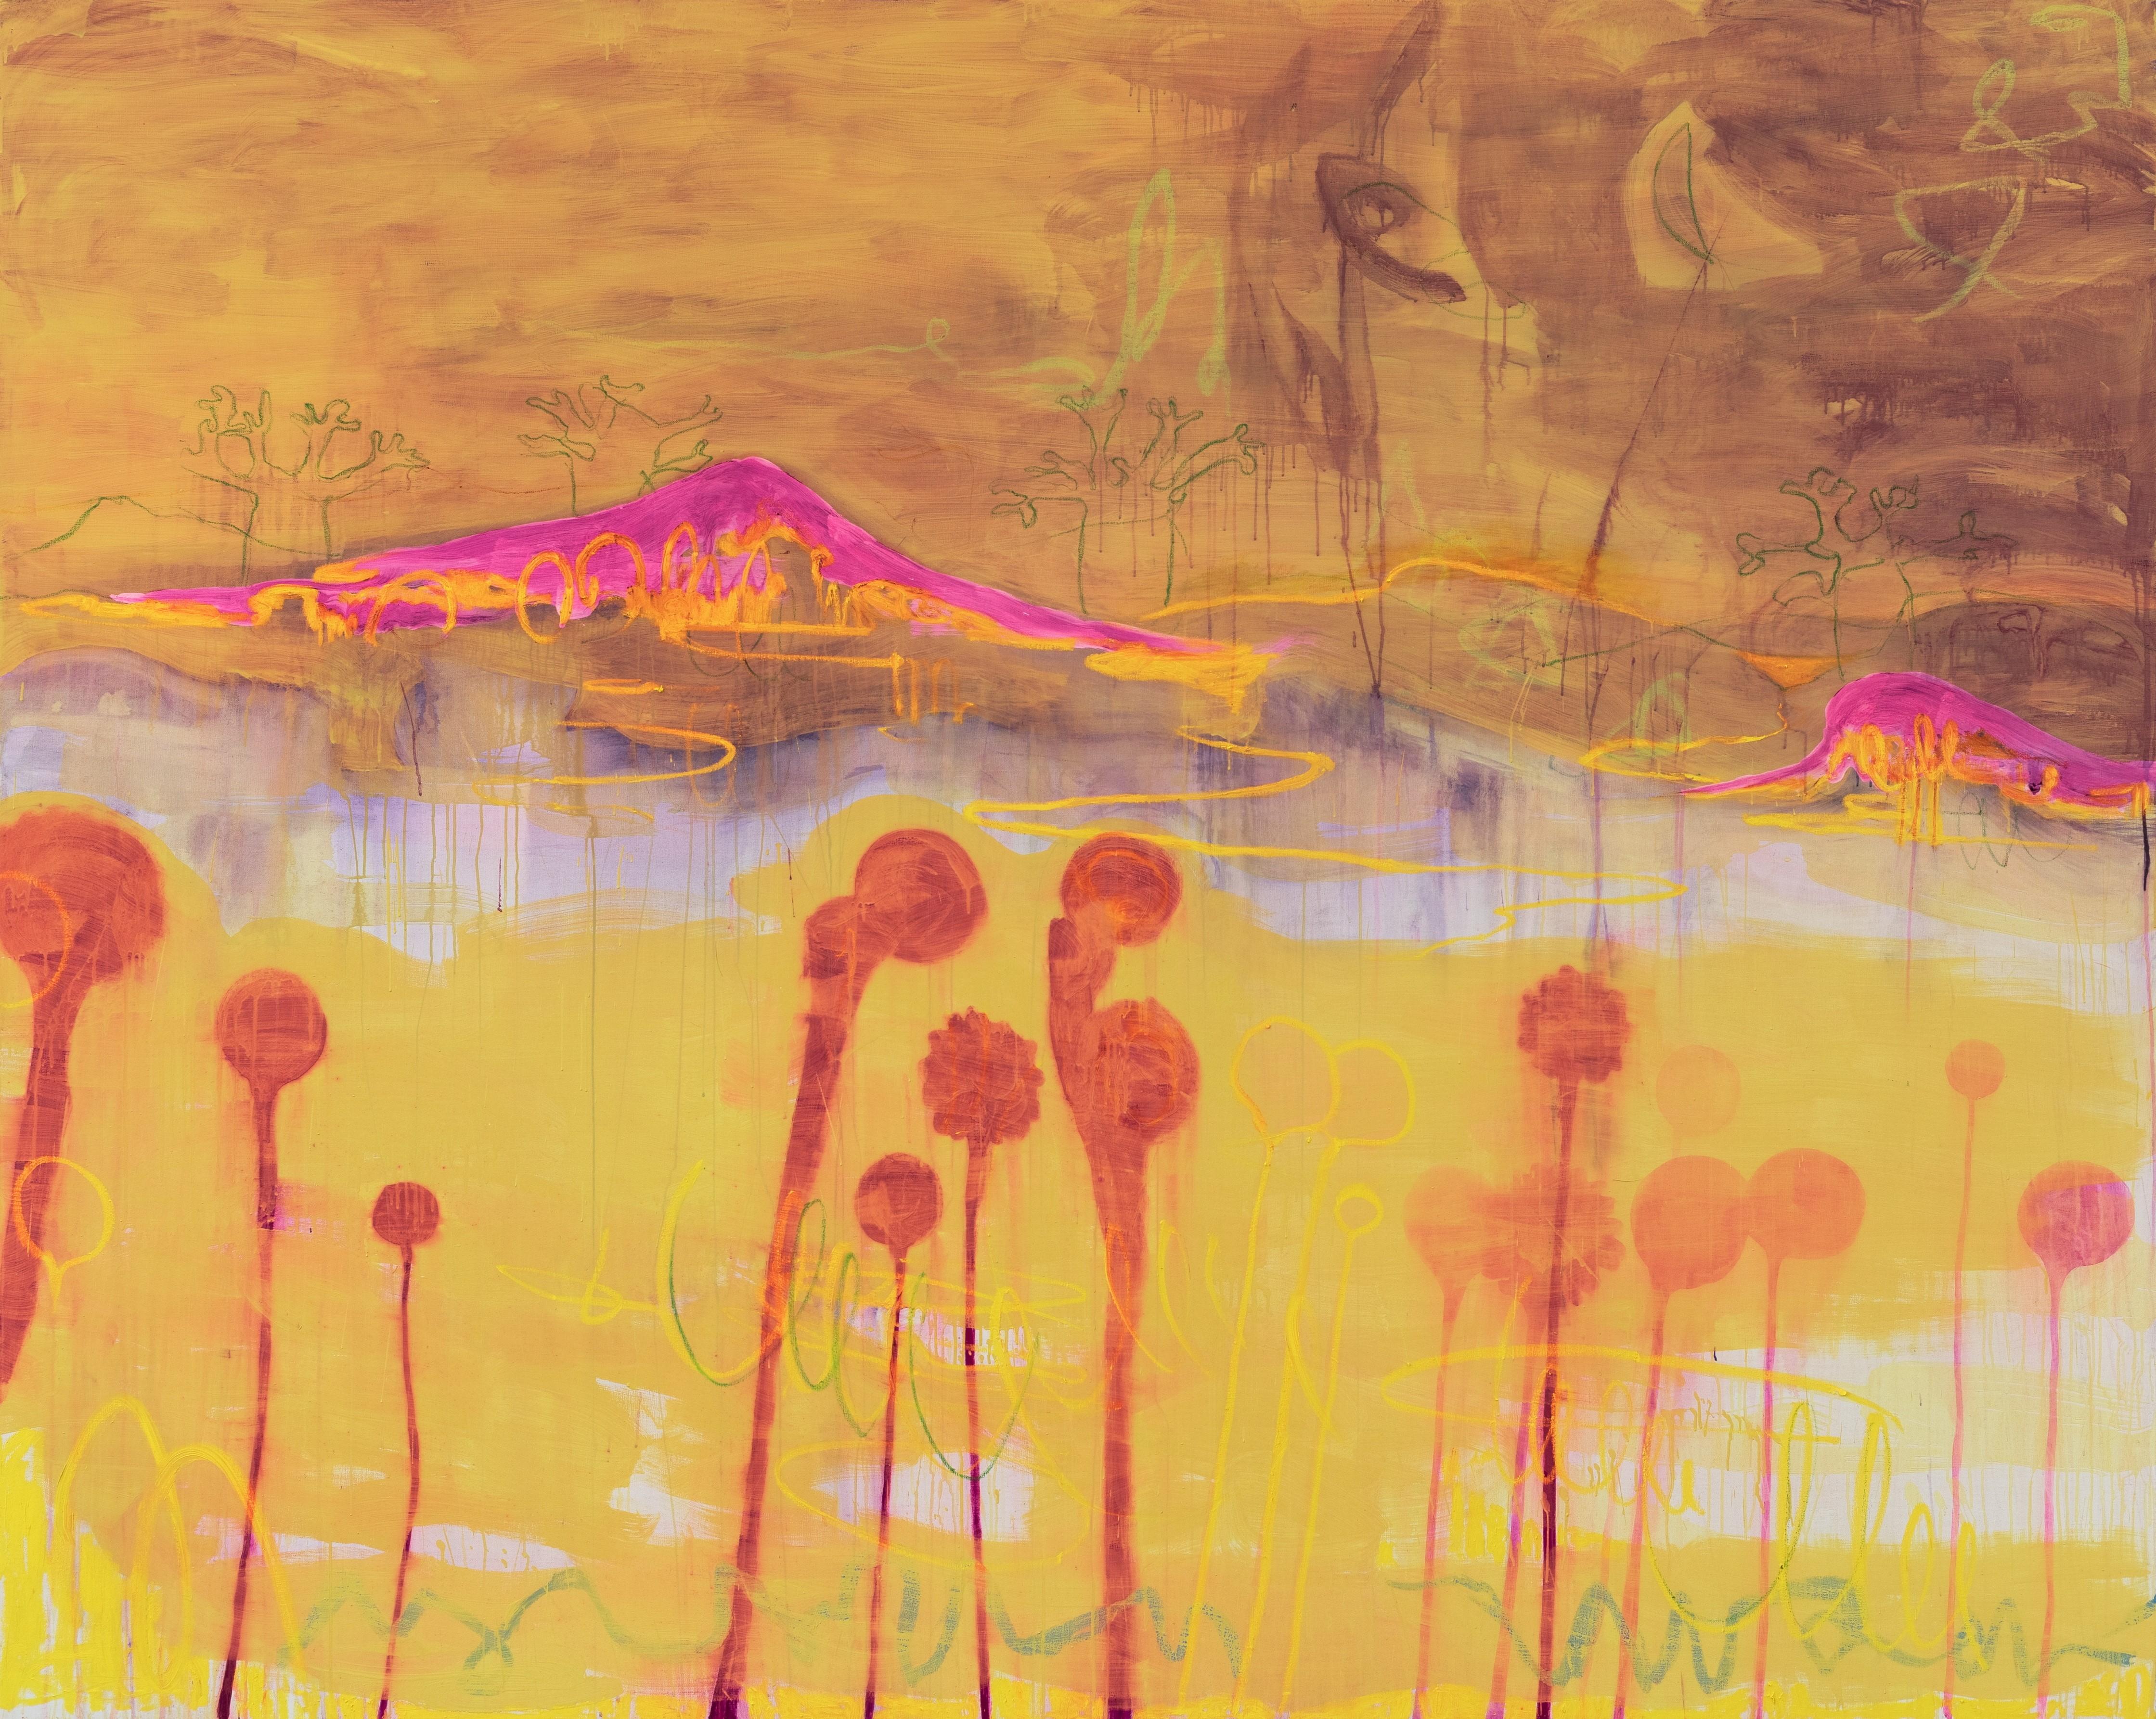 Rebekka Steiger, «mauvaise herbe», 2019, Tempera und Ölkreide auf Leinwand, 240 x 300 cm © Rebekka Steiger und Galerie Urs Meile, Beijing-Luzern